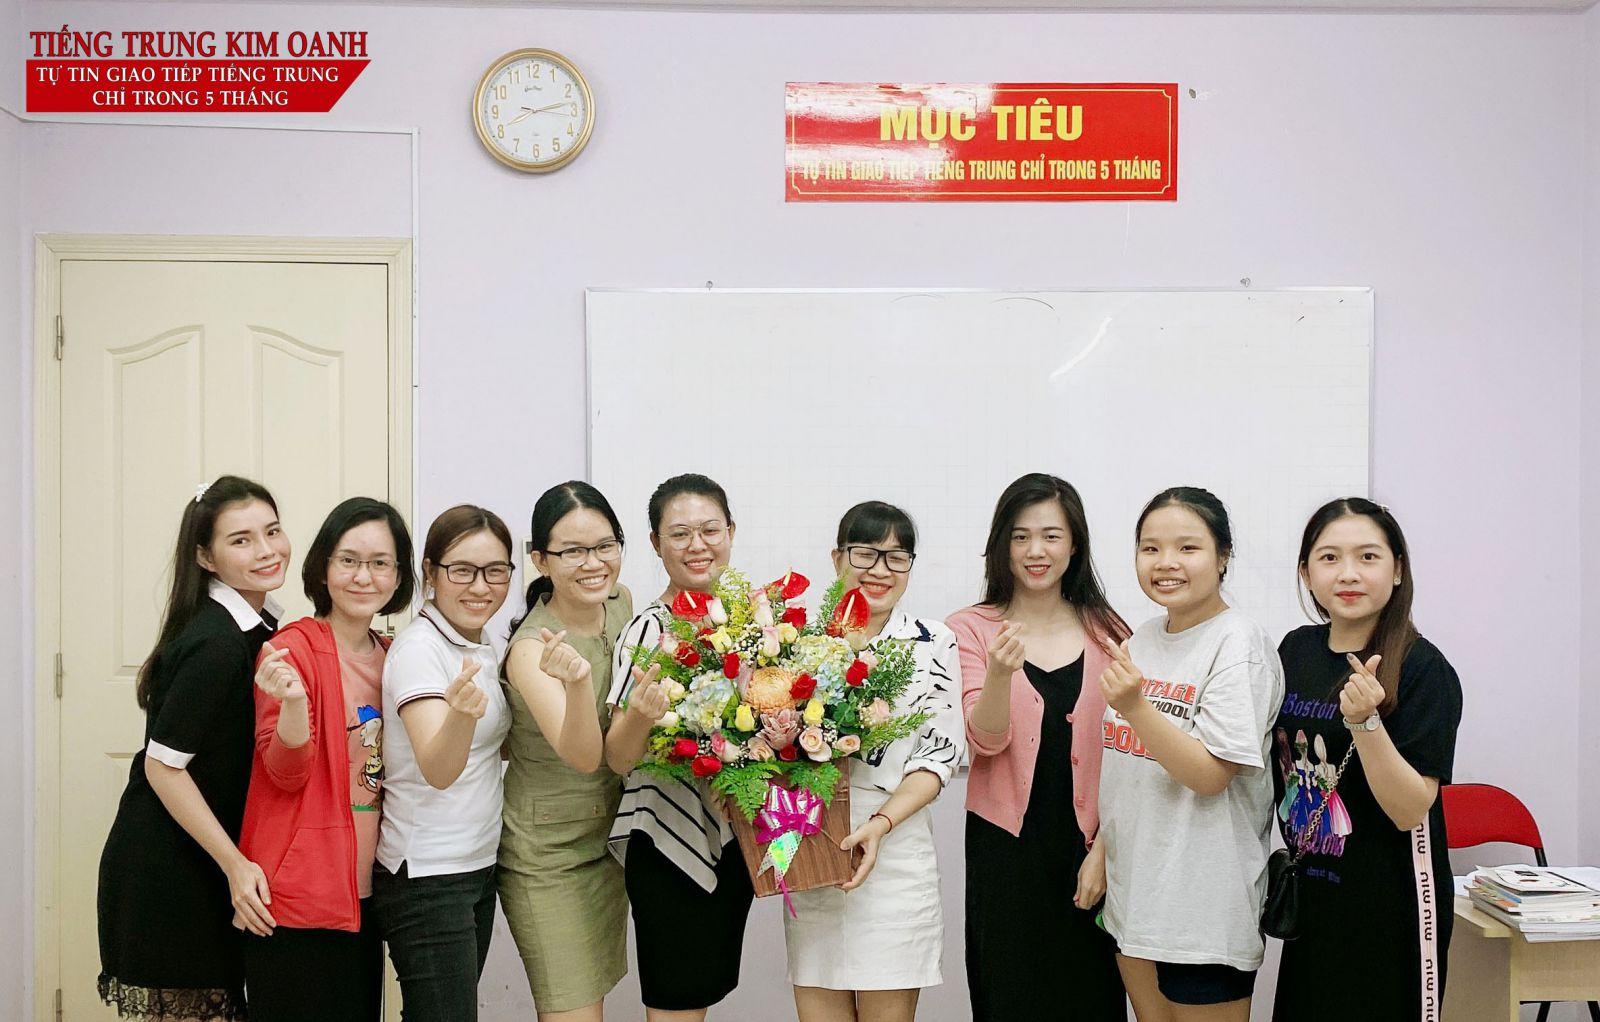 Giáo viên tiếng Trung Tại Tiếng Trung Kim Oanh